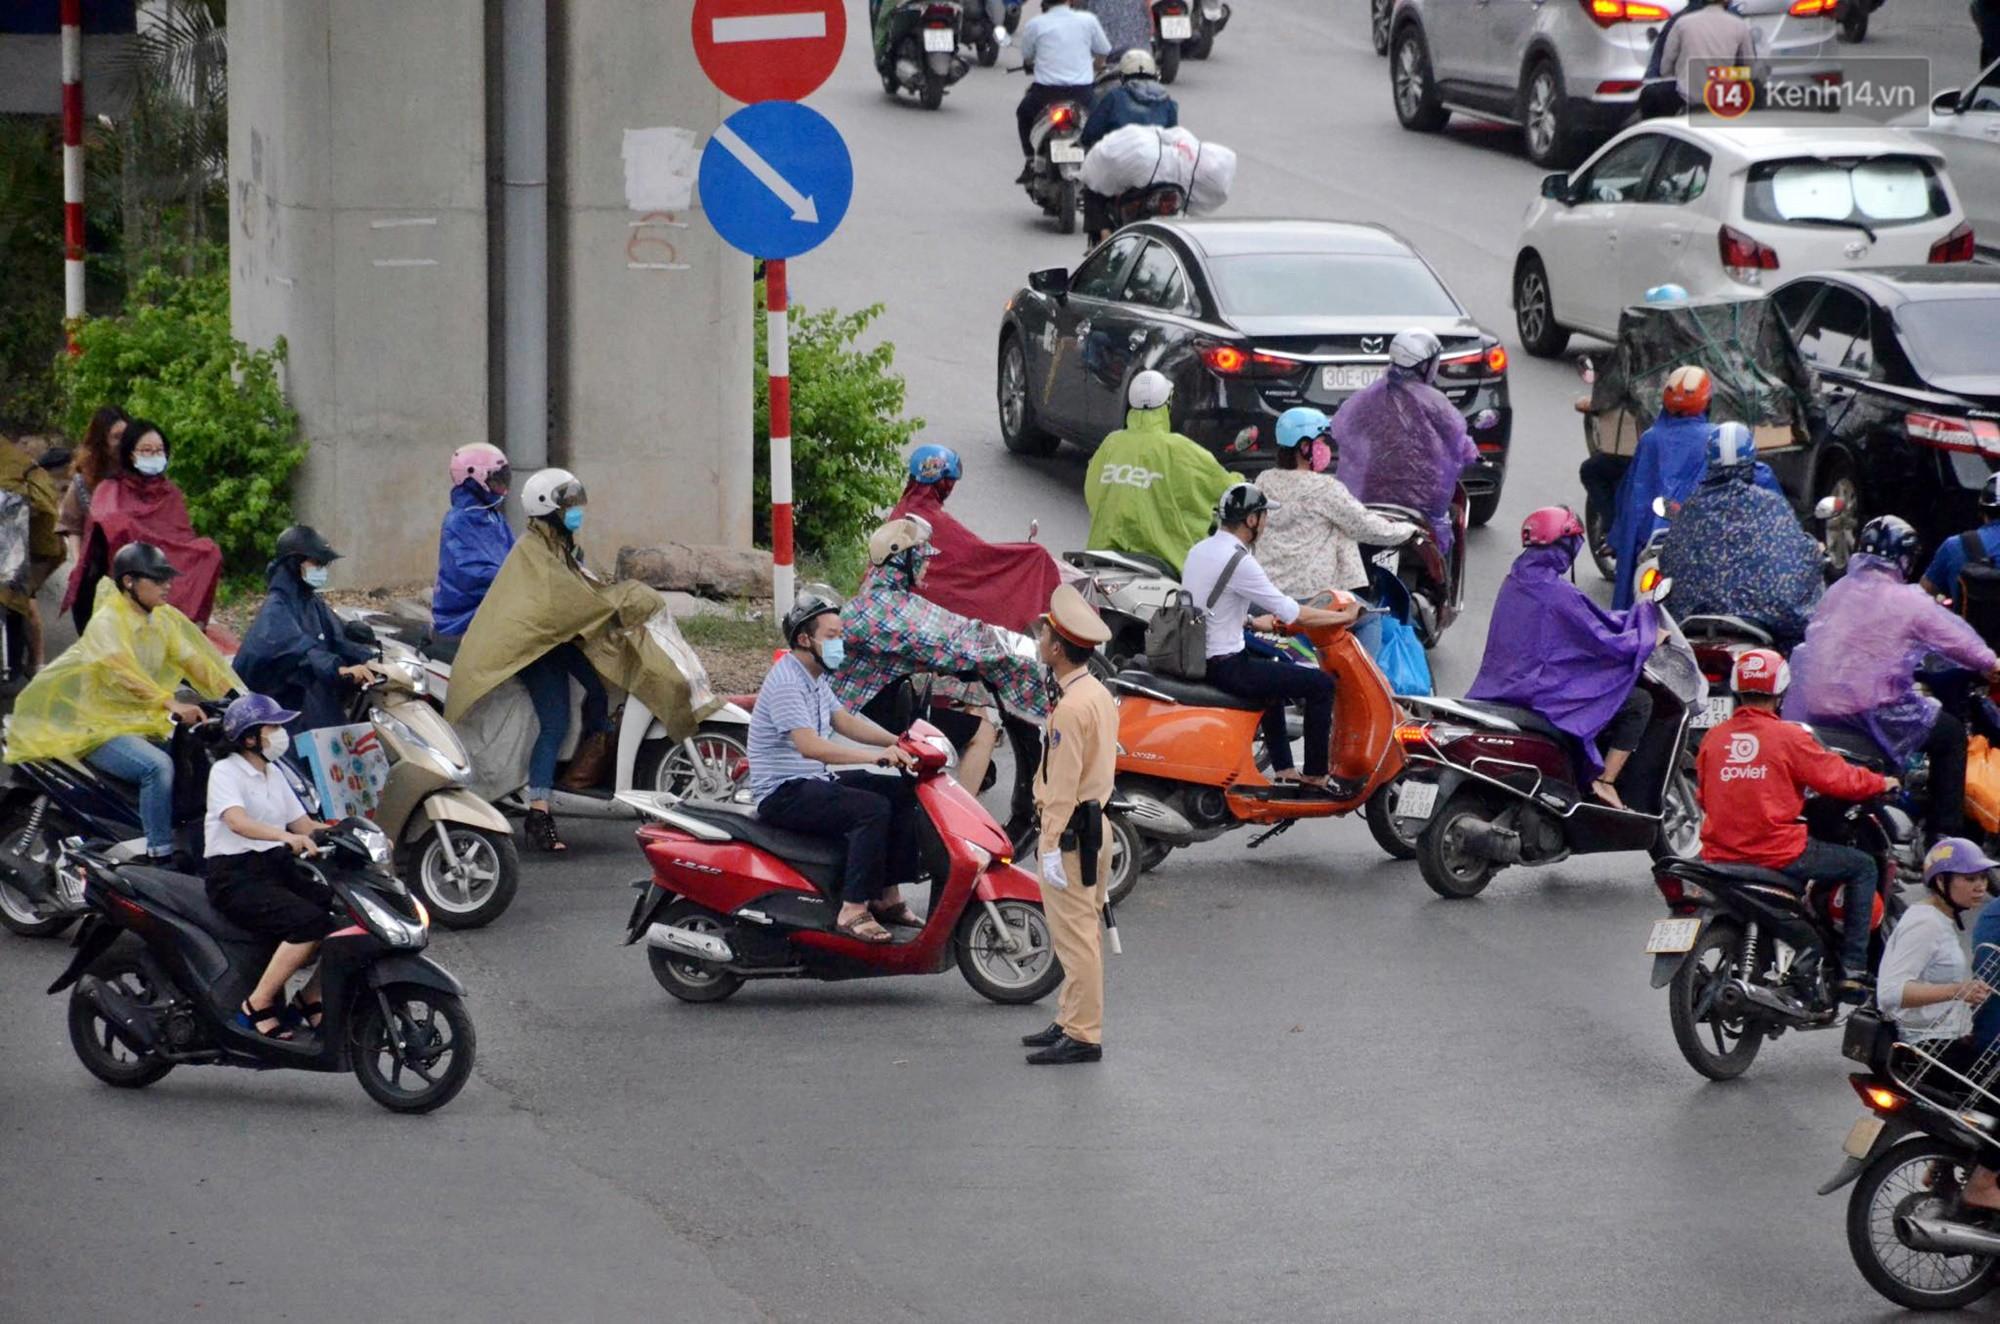 Hà Nội bắt đầu đổ mưa do ảnh hưởng của bão số 2, người dân chật vật lưu thông giờ tan tầm - Ảnh 12.